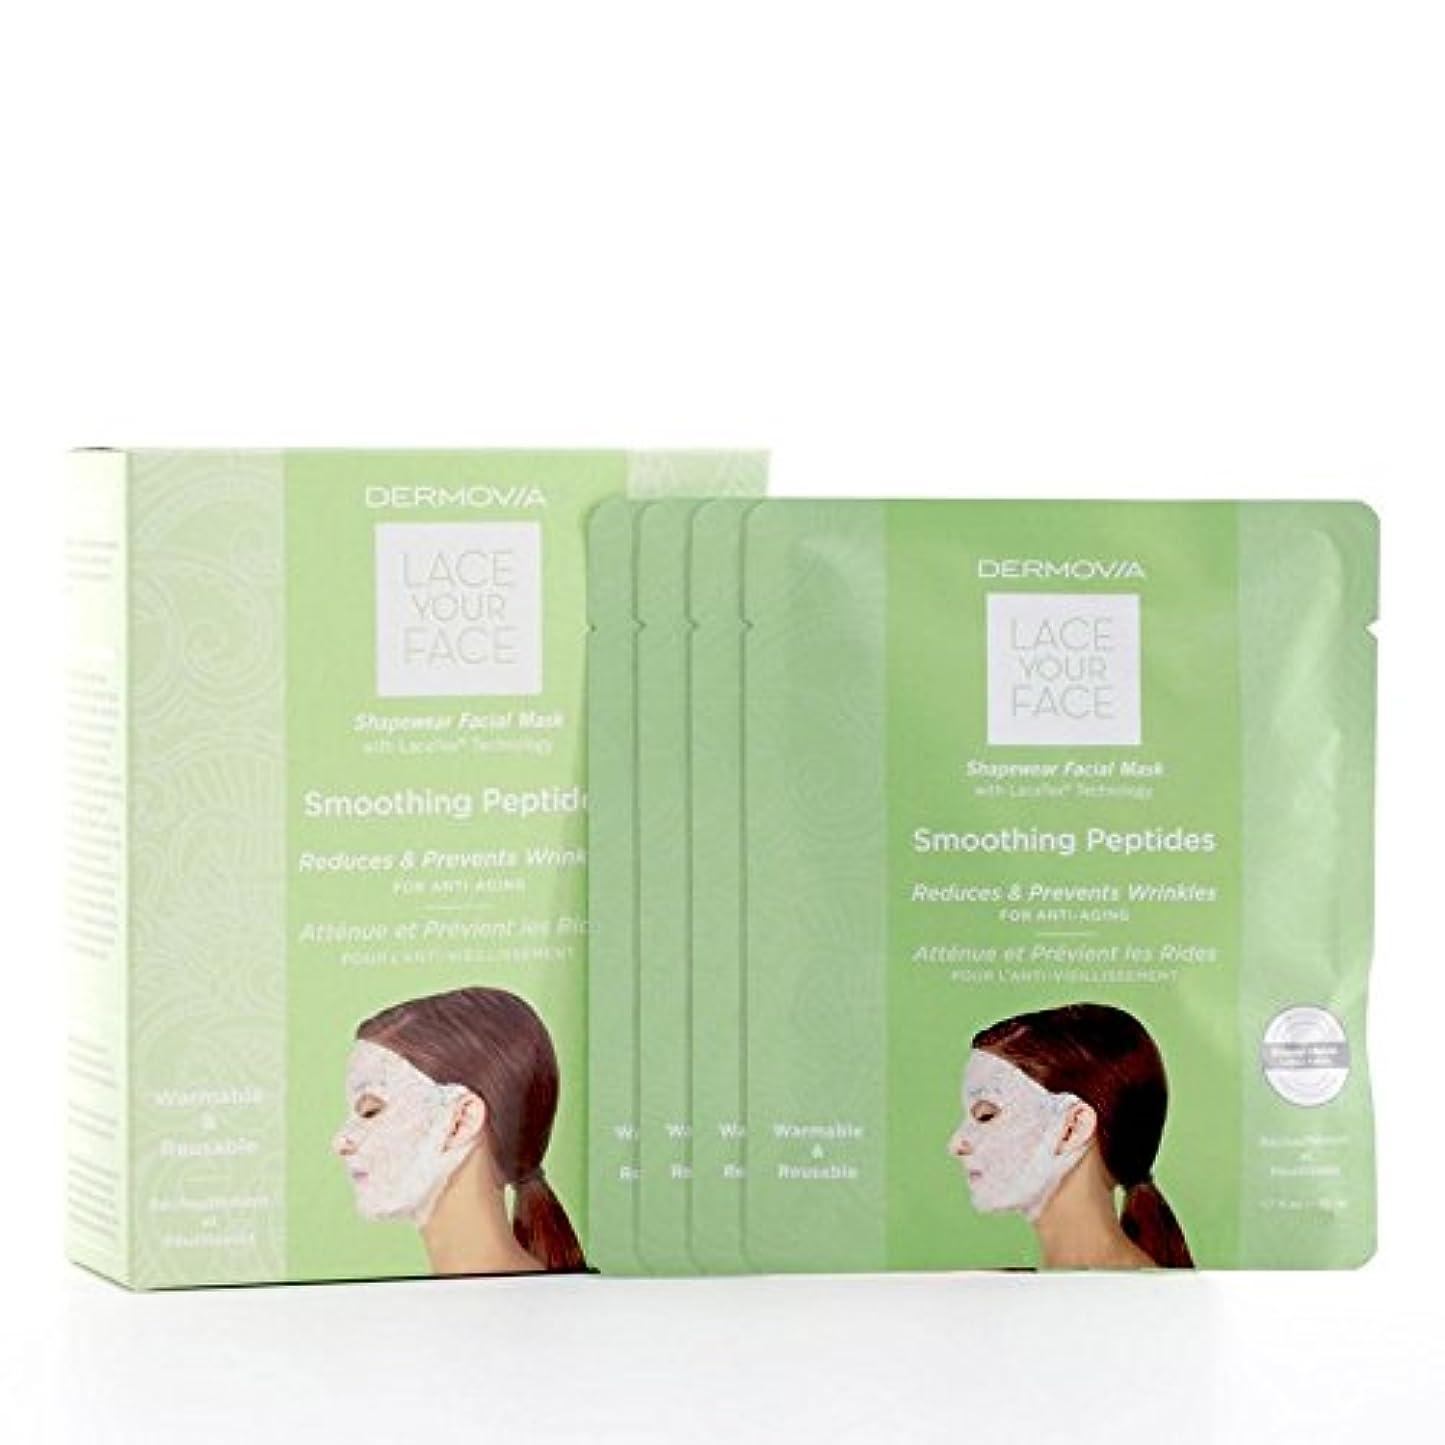 は、あなたの顔の圧縮フェイシャルマスク平滑化ペプチドをひもで締めます x4 - Dermovia Lace Your Face Compression Facial Mask Smoothing Peptides (Pack...